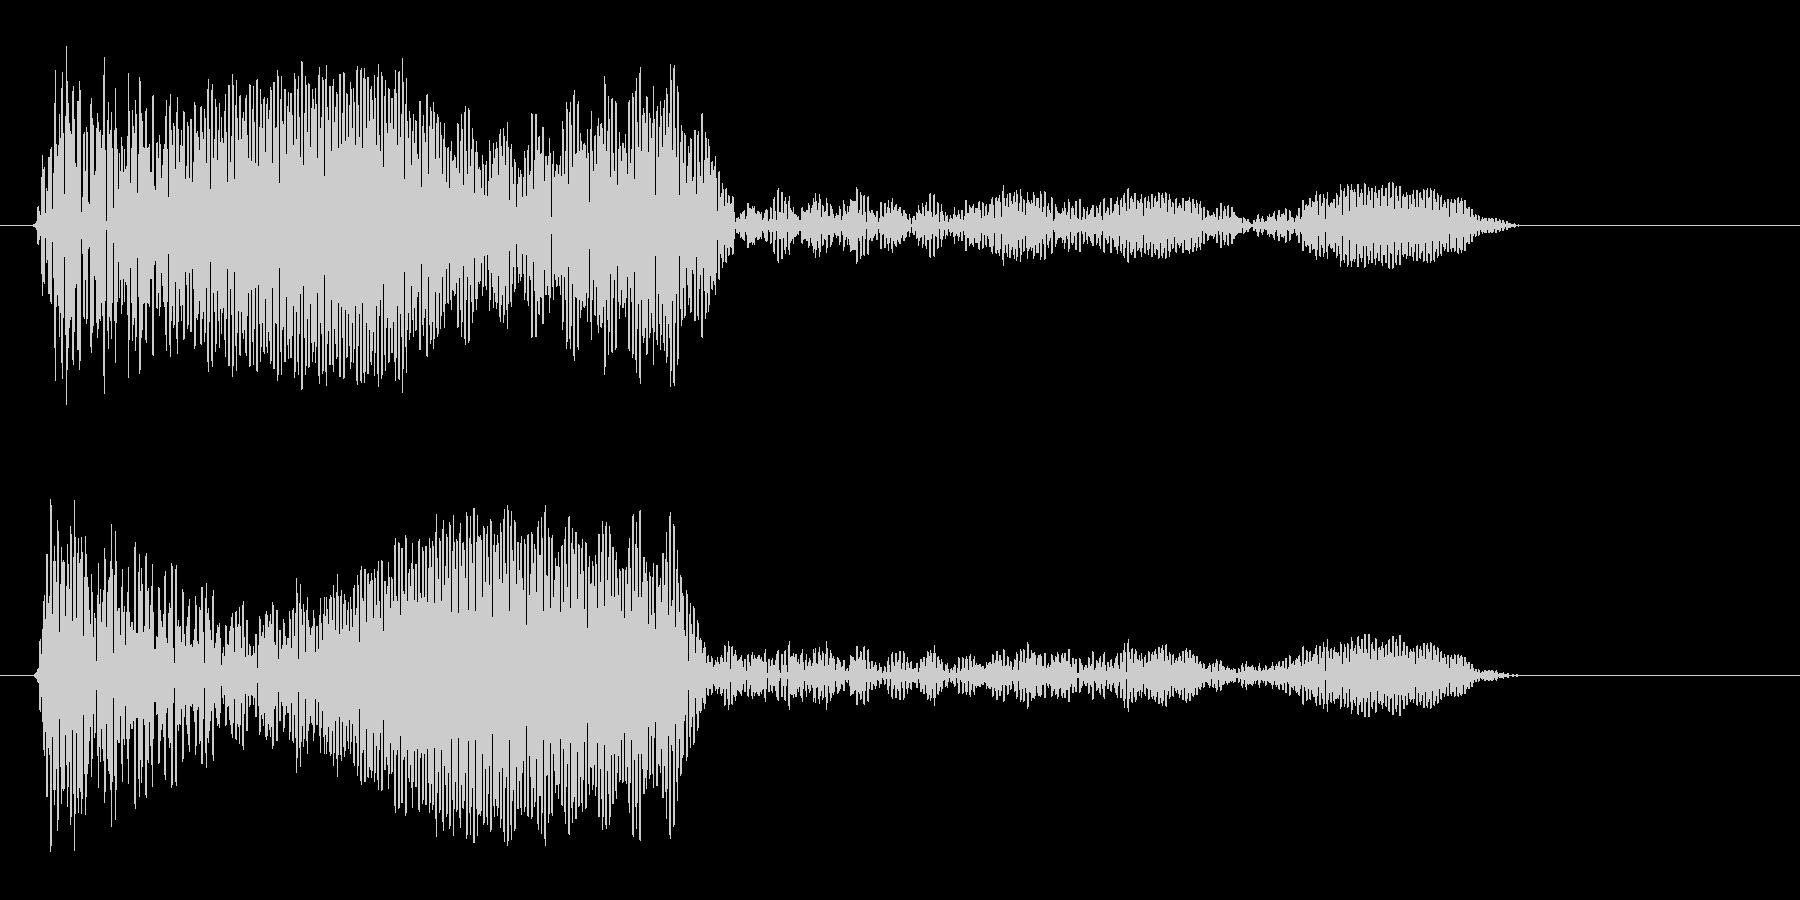 ブンッ (未来を感じさせる決定音)の未再生の波形